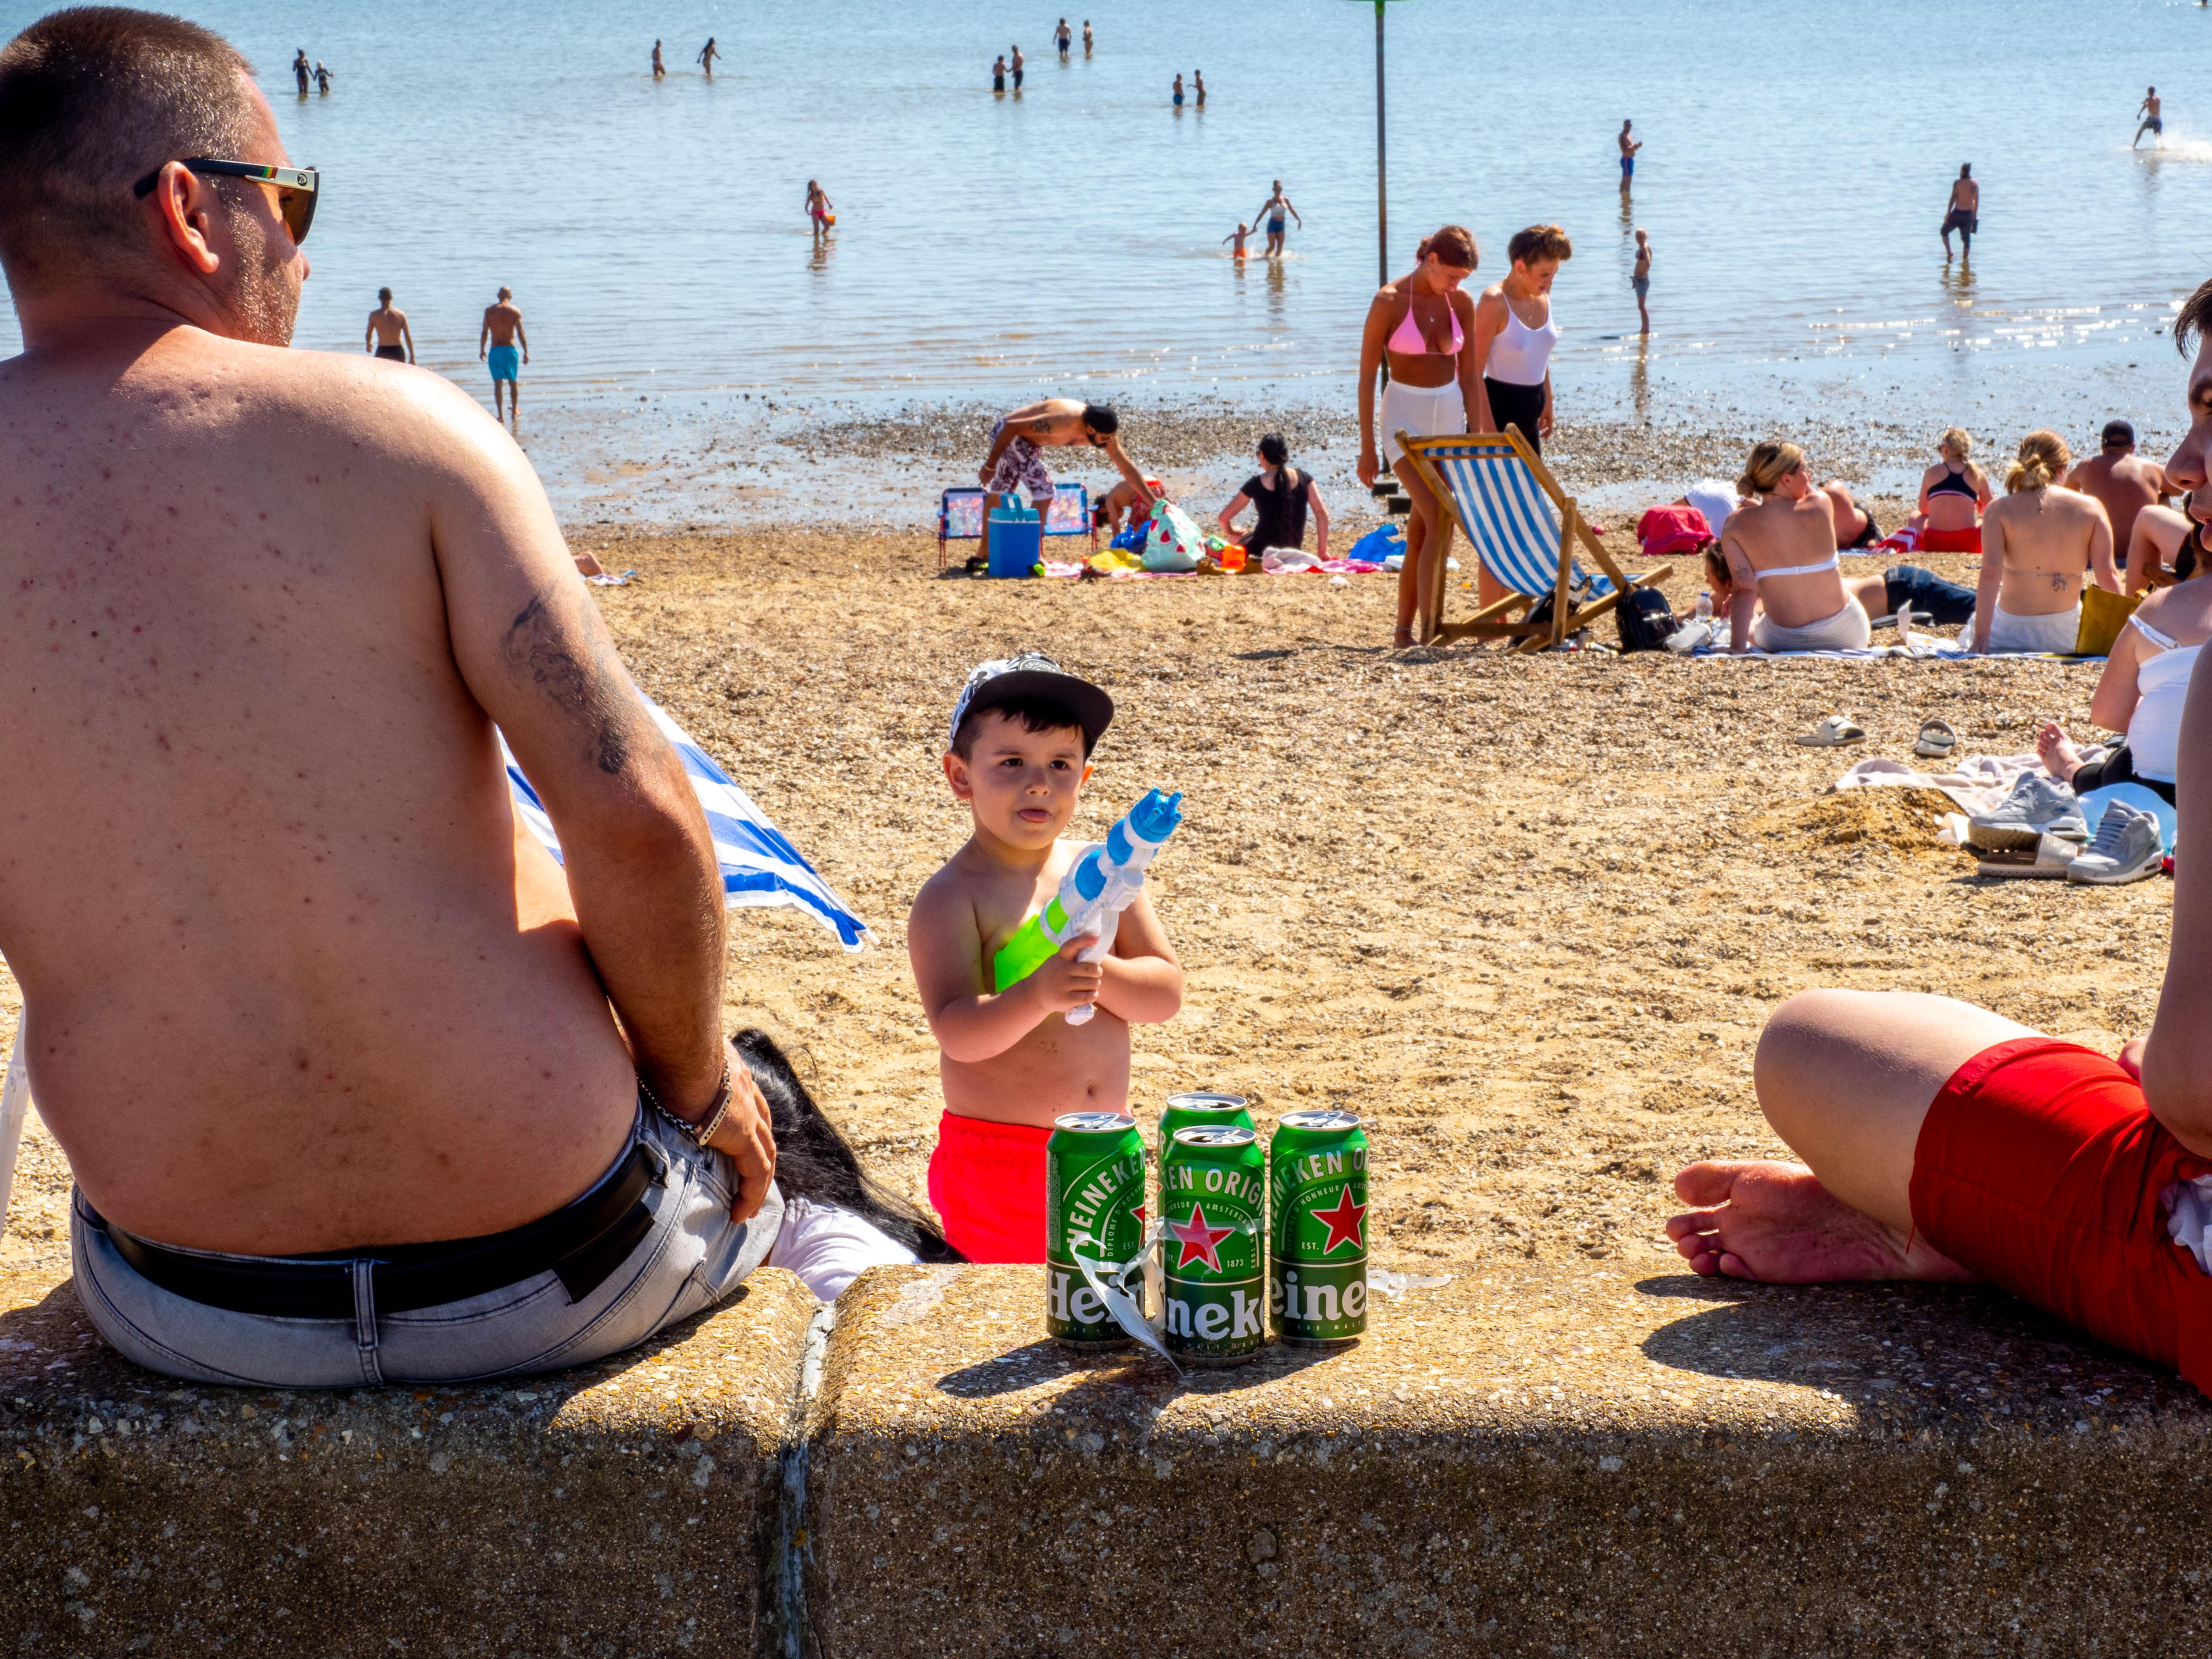 VÍDEO | Una playa al este de Londres, abarrotada en plena pandemia del coronavirus